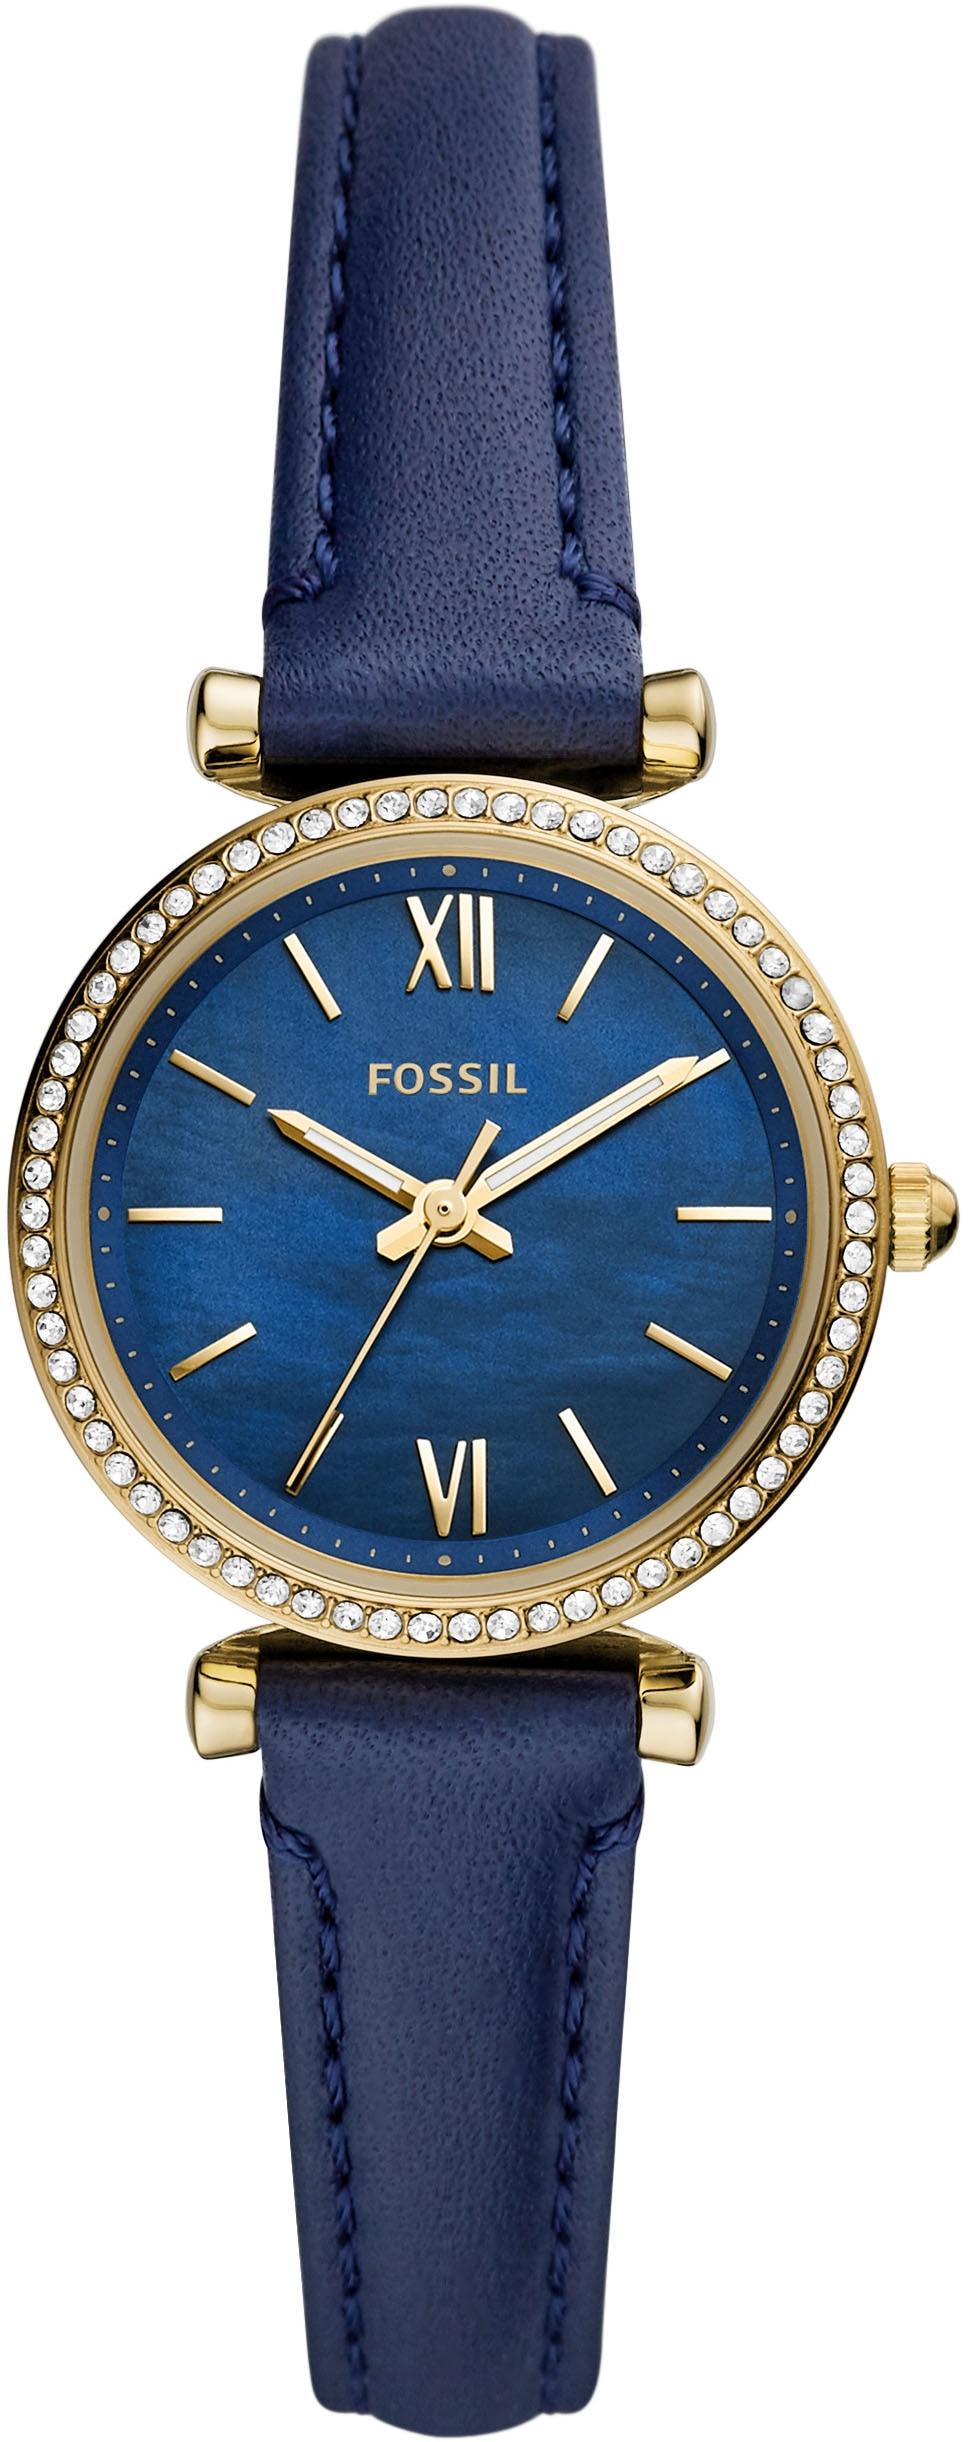 Fossil Quarzuhr CARLIE MINI, ES5017, (1 tlg.) günstig online kaufen